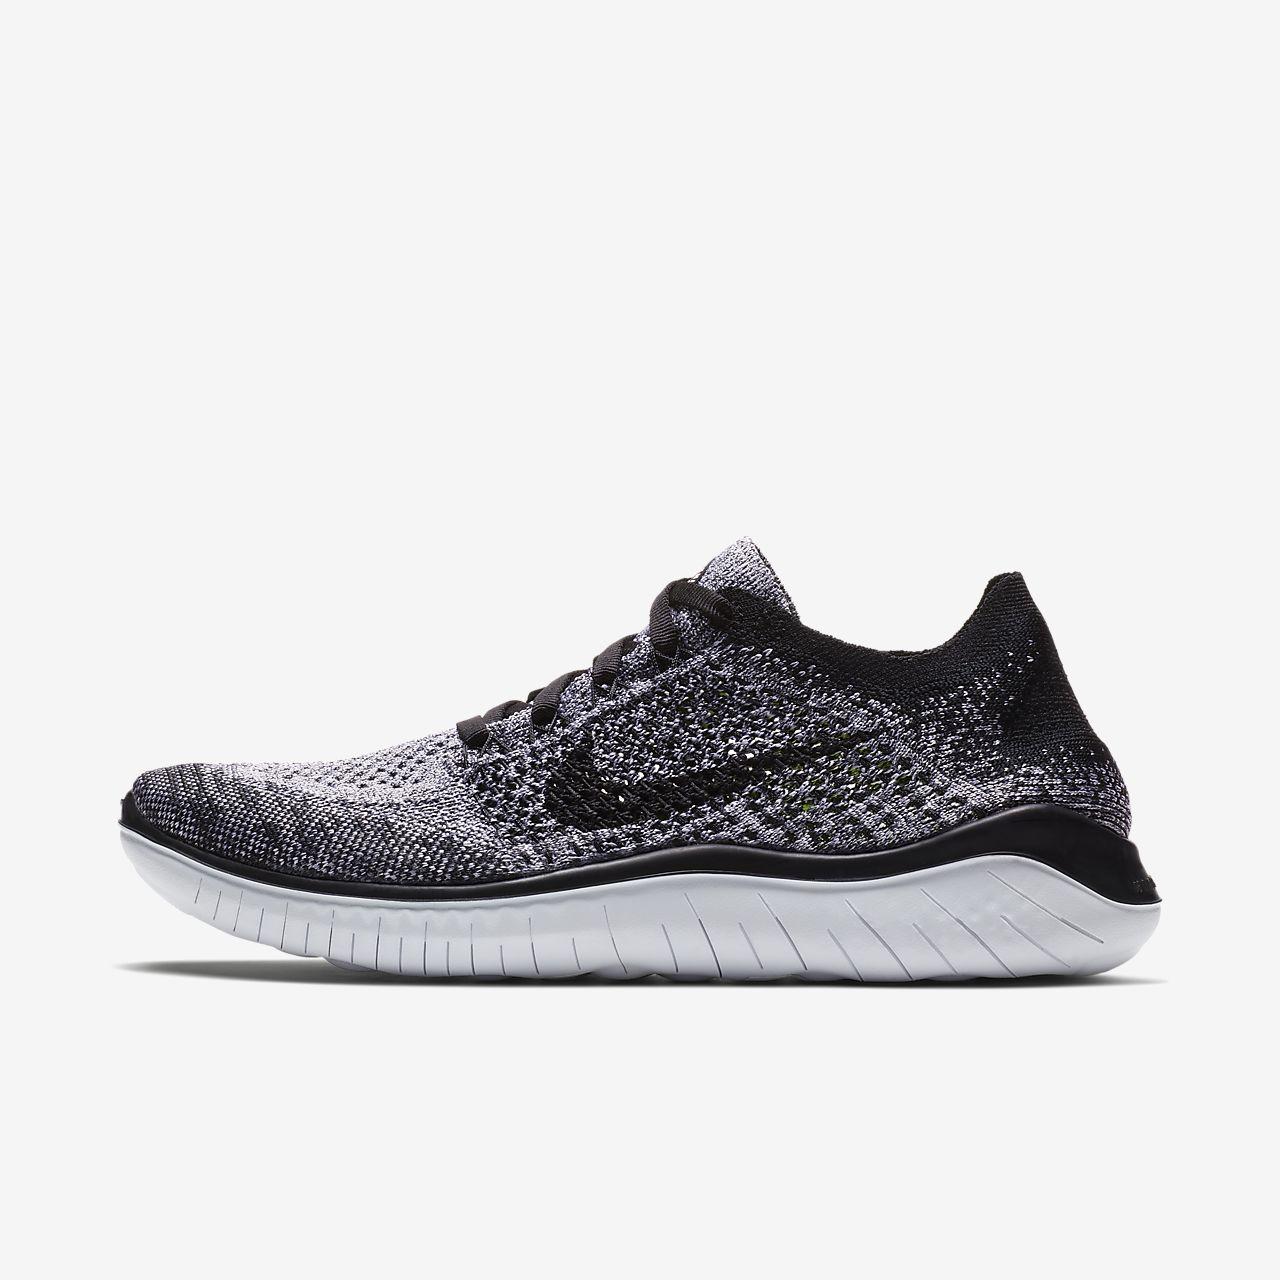 b316cb0c265ce Nike Free RN Flyknit 2018 Women s Running Shoe. Nike.com